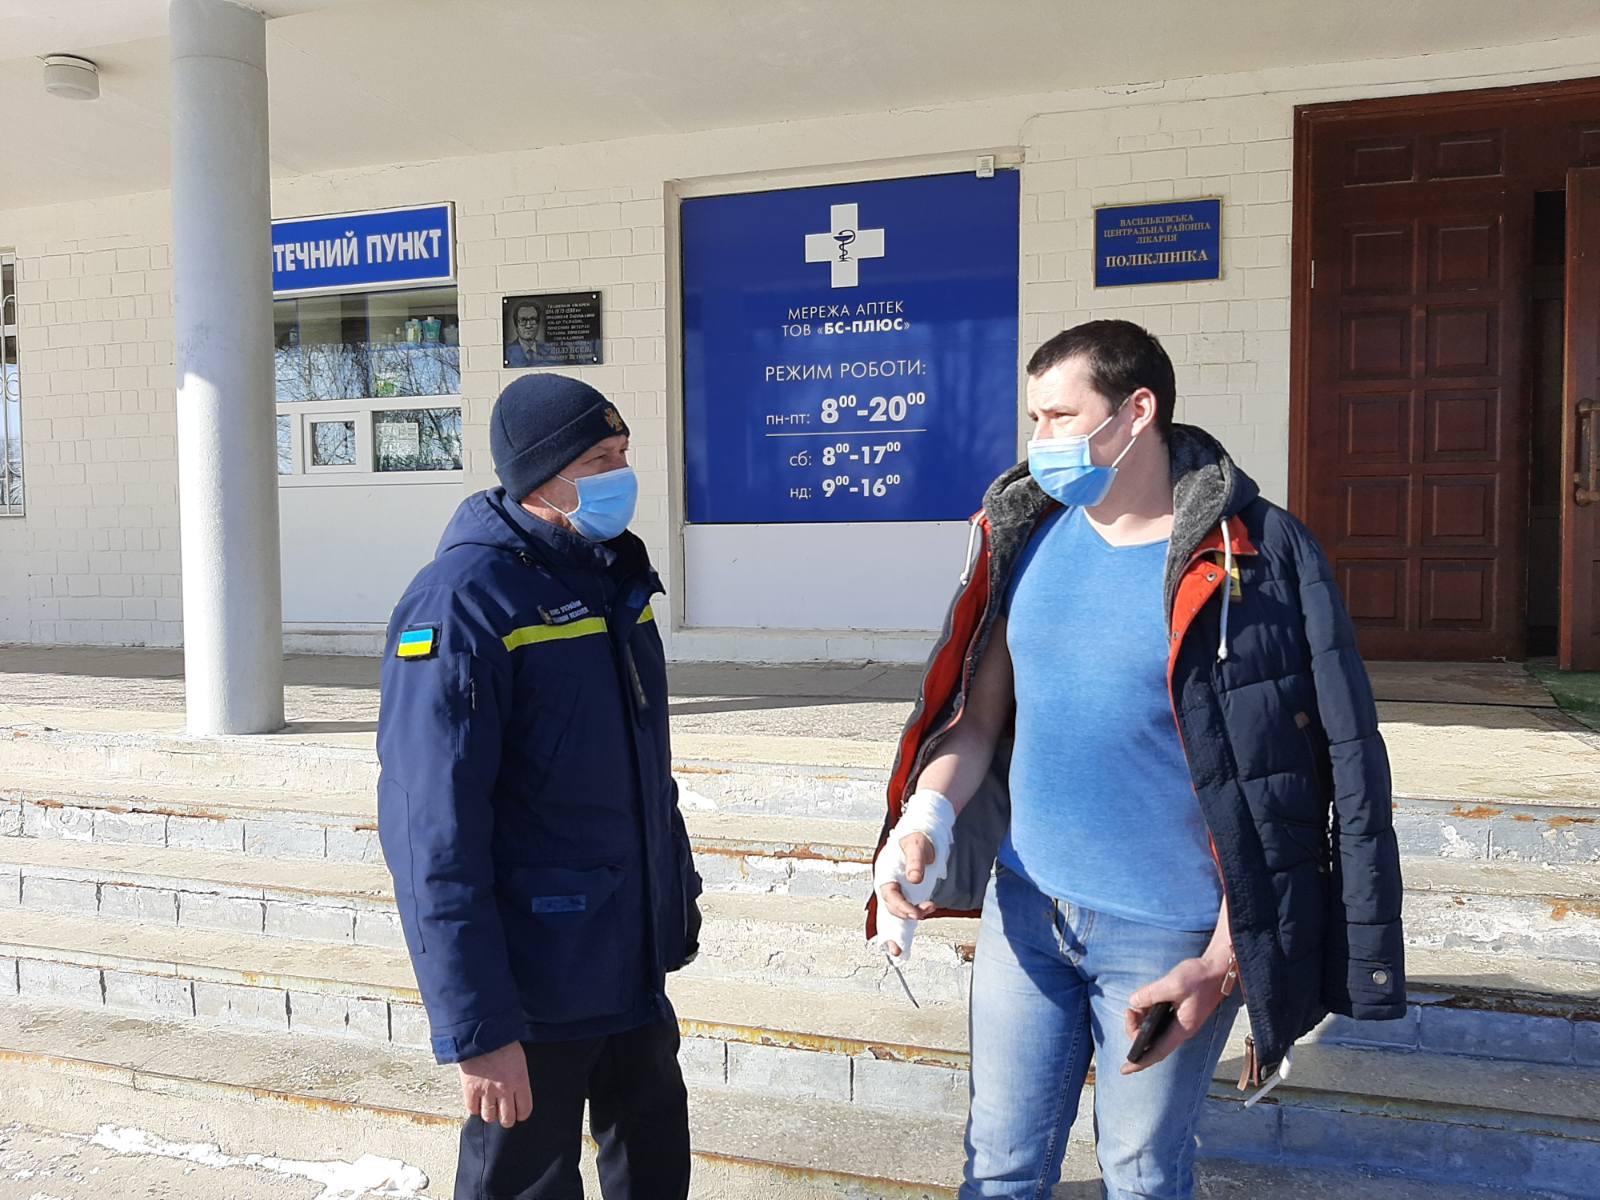 У Глевасі на Київщині сусід врятував із вогню маму з двома дітьми - рятувальники, пожежа, Діти, Глеваха, вогонь - 66